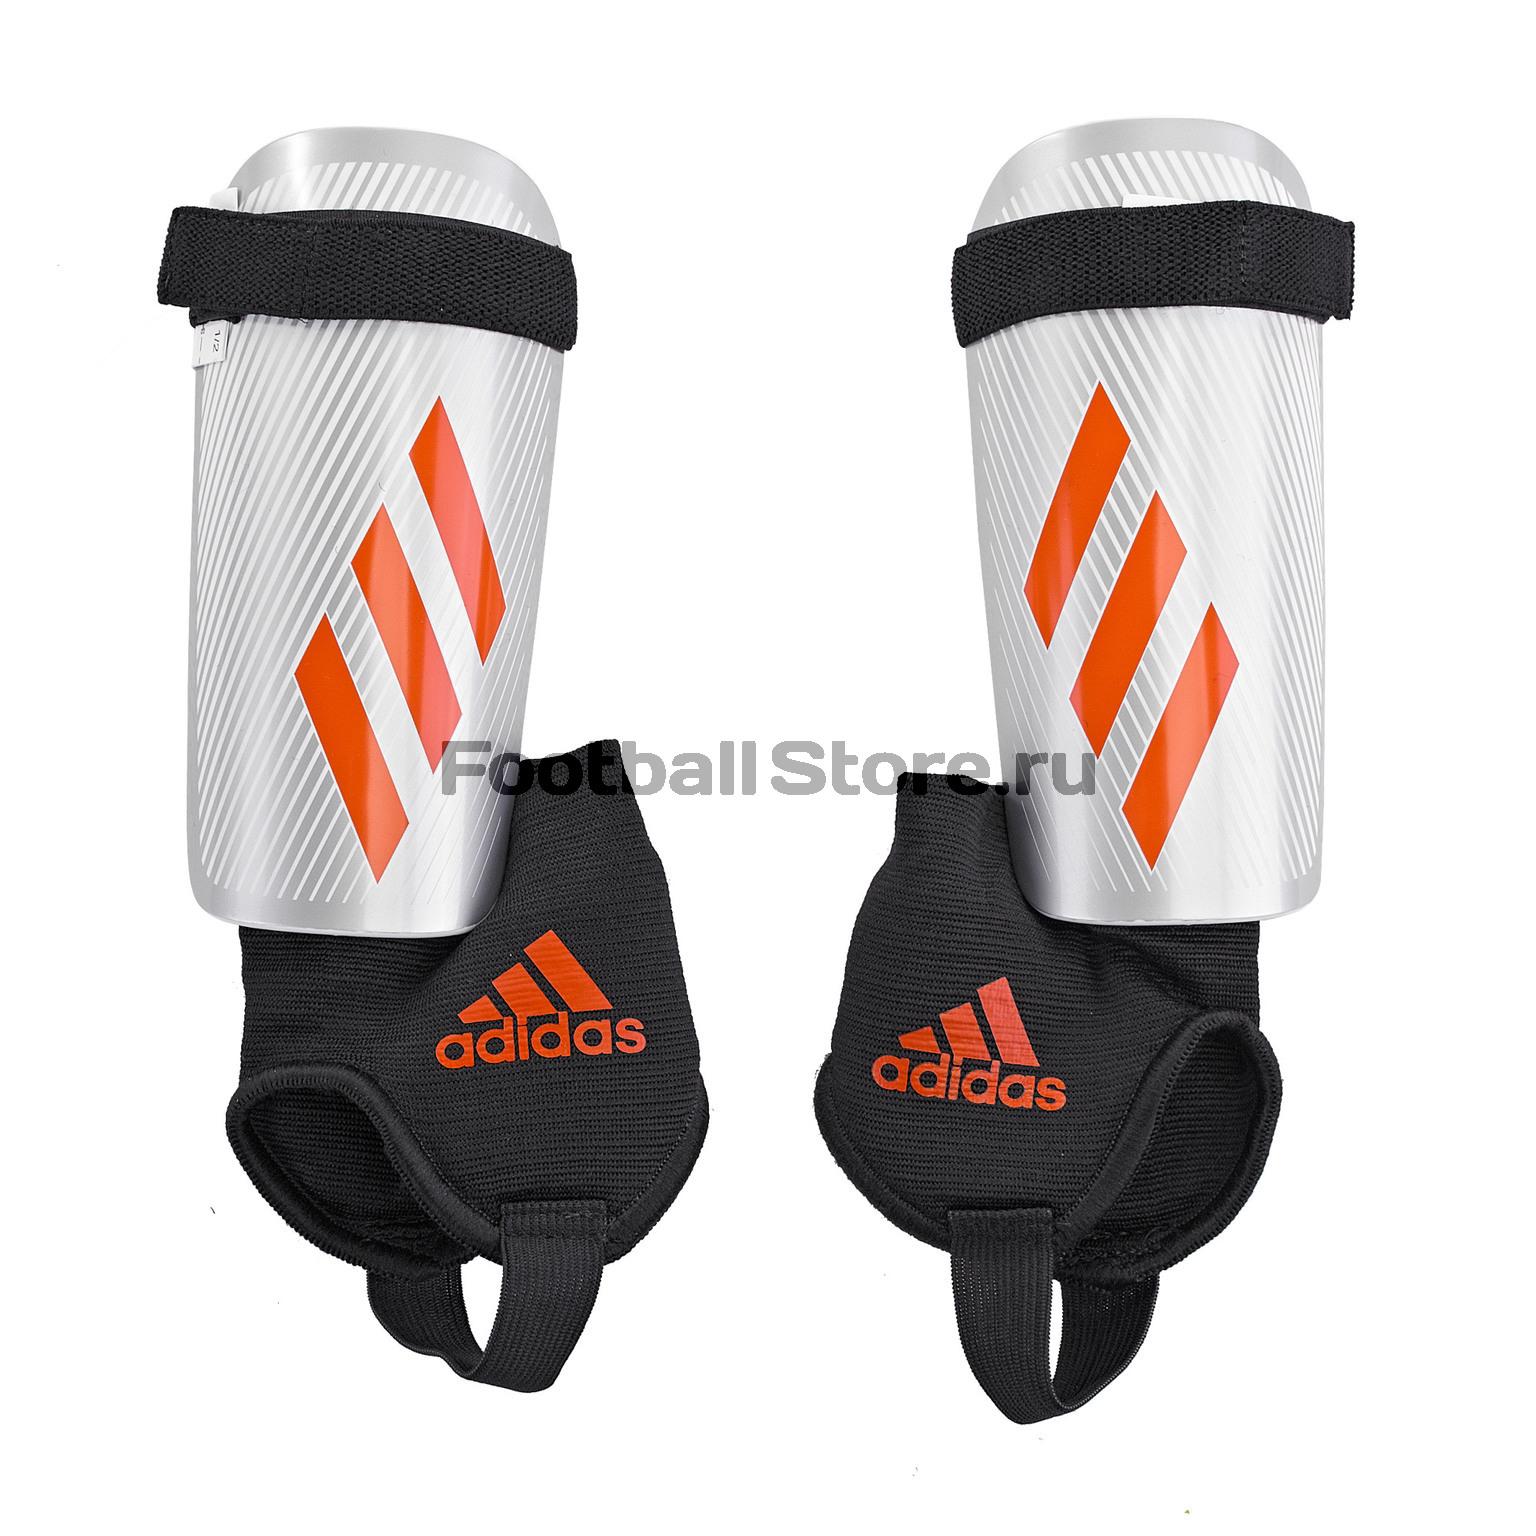 Щитки детские Adidas X Youth DY2584 щитки футбольные adidas x lesto dy2578 серебристый размер m